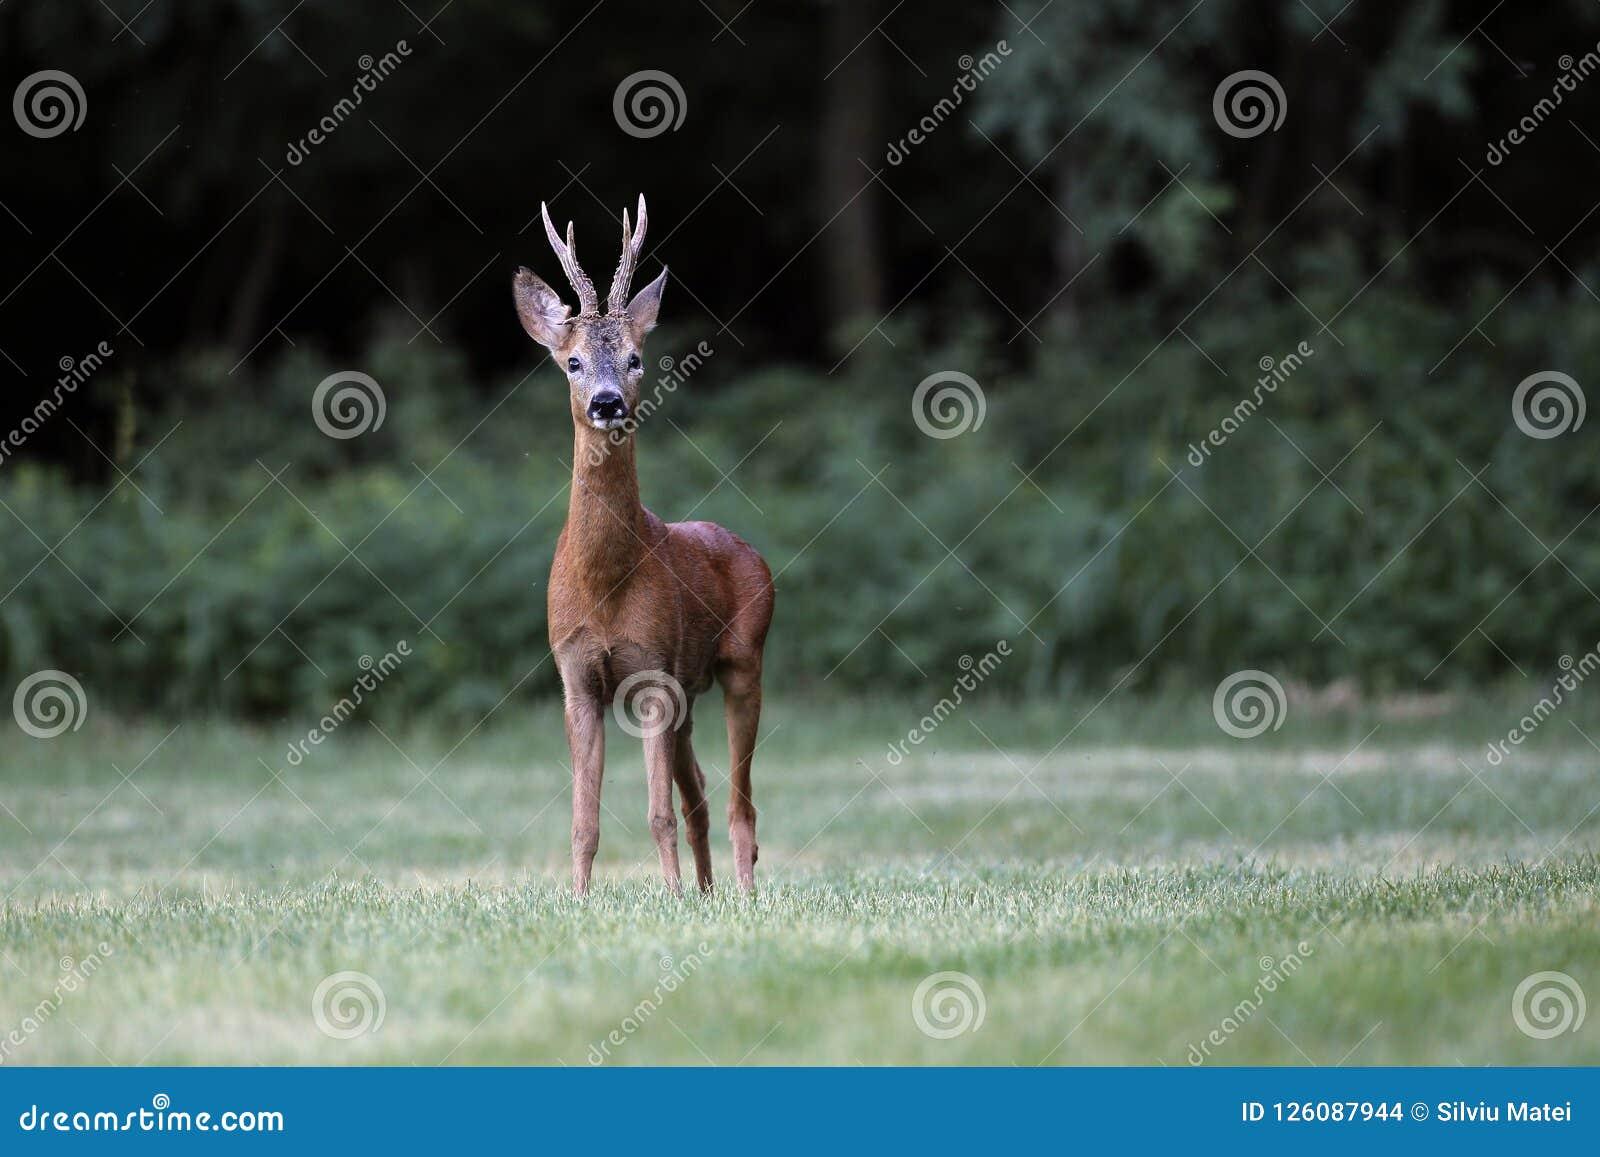 Wild roe deer& x28;male& x29; standing in a grass field